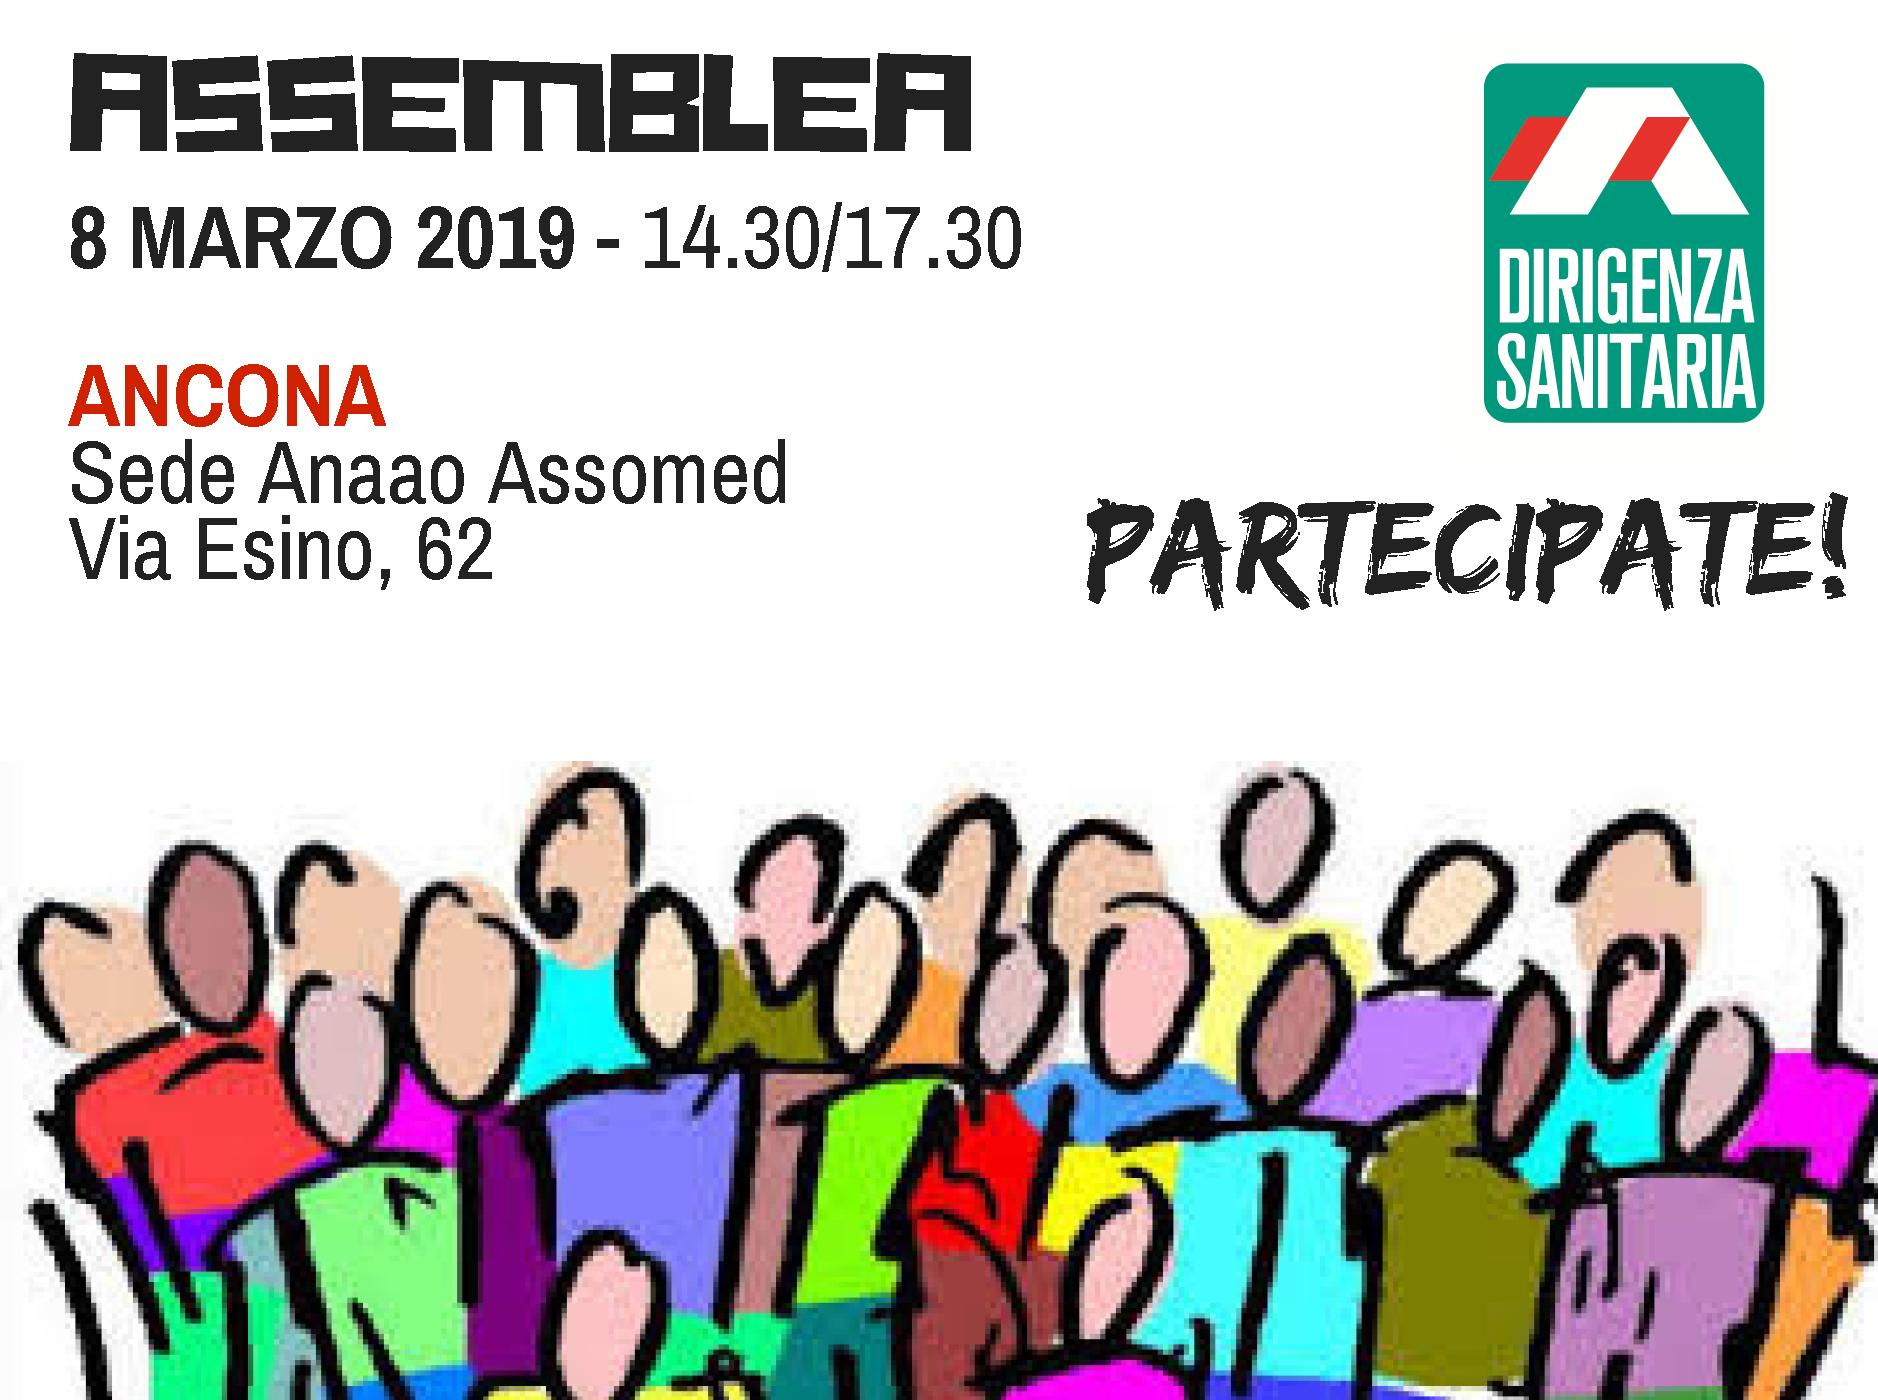 L Assemblea si svolgerà a ANCONA - Sede Anaao in Via Esino 6d238fbb028